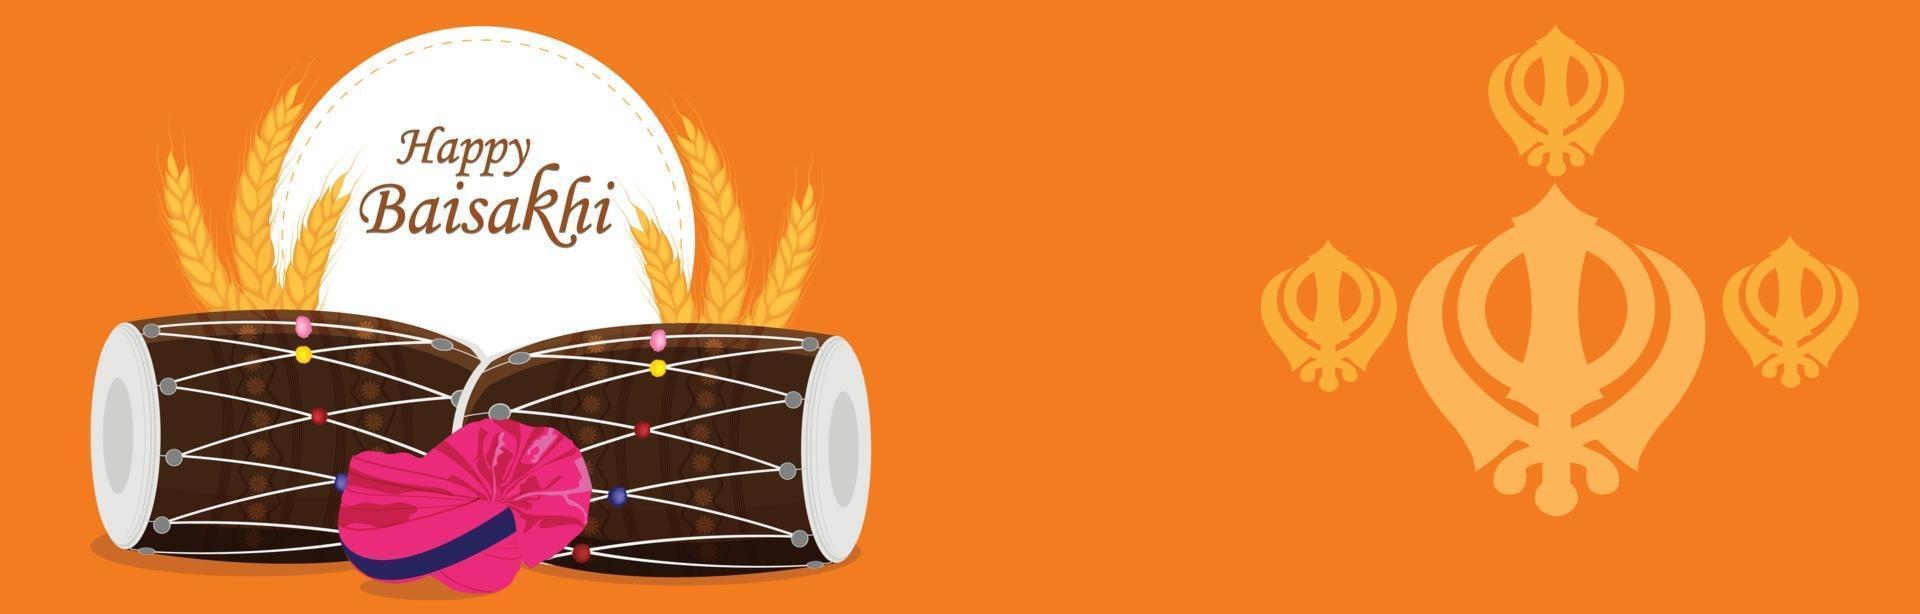 design plano celebração vaisakhi feliz com faixa de tambor vetor